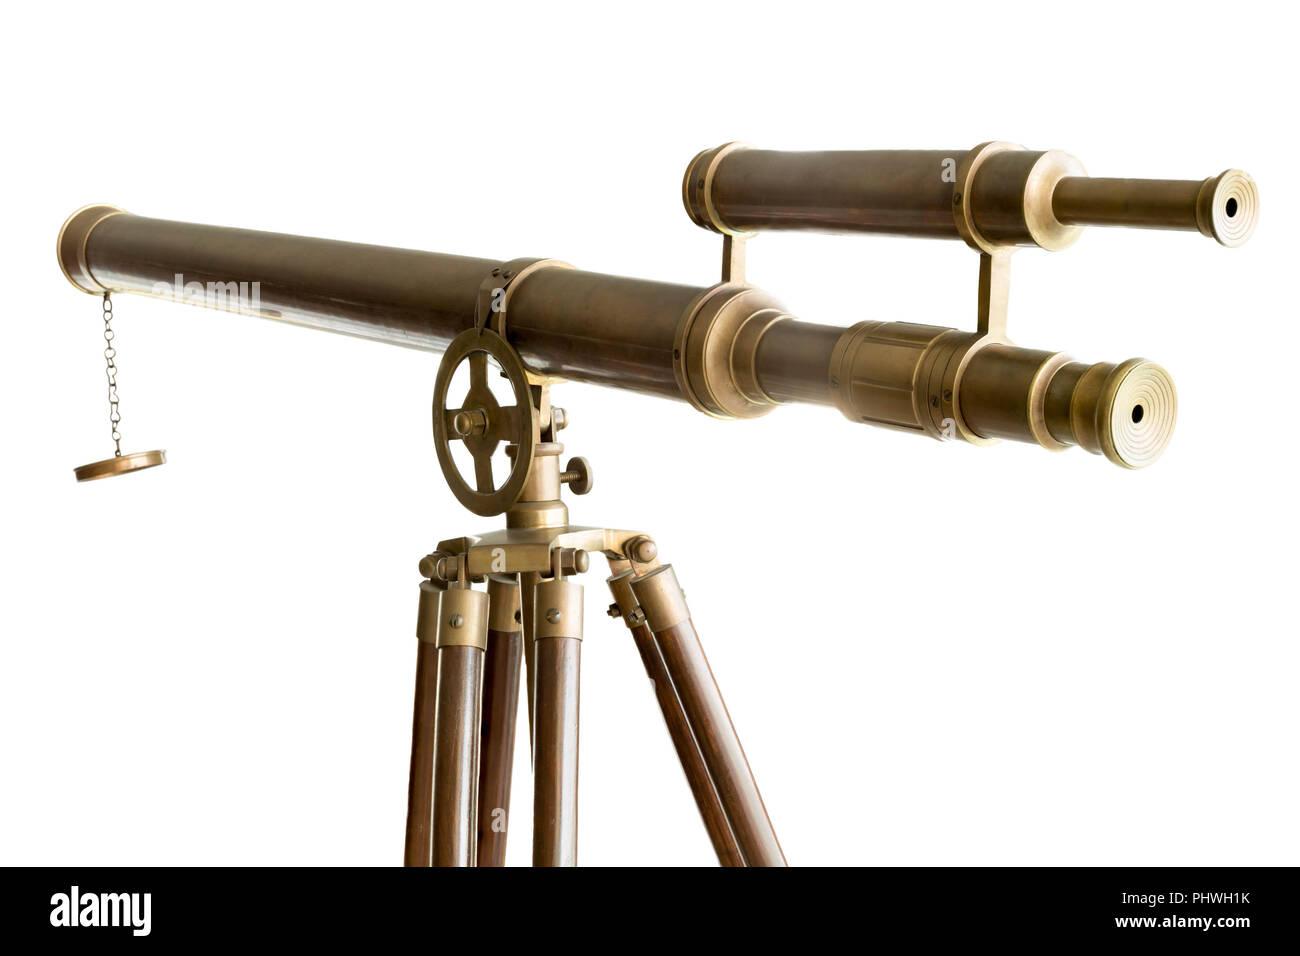 Vintage telescopio in ottone isolato Immagini Stock